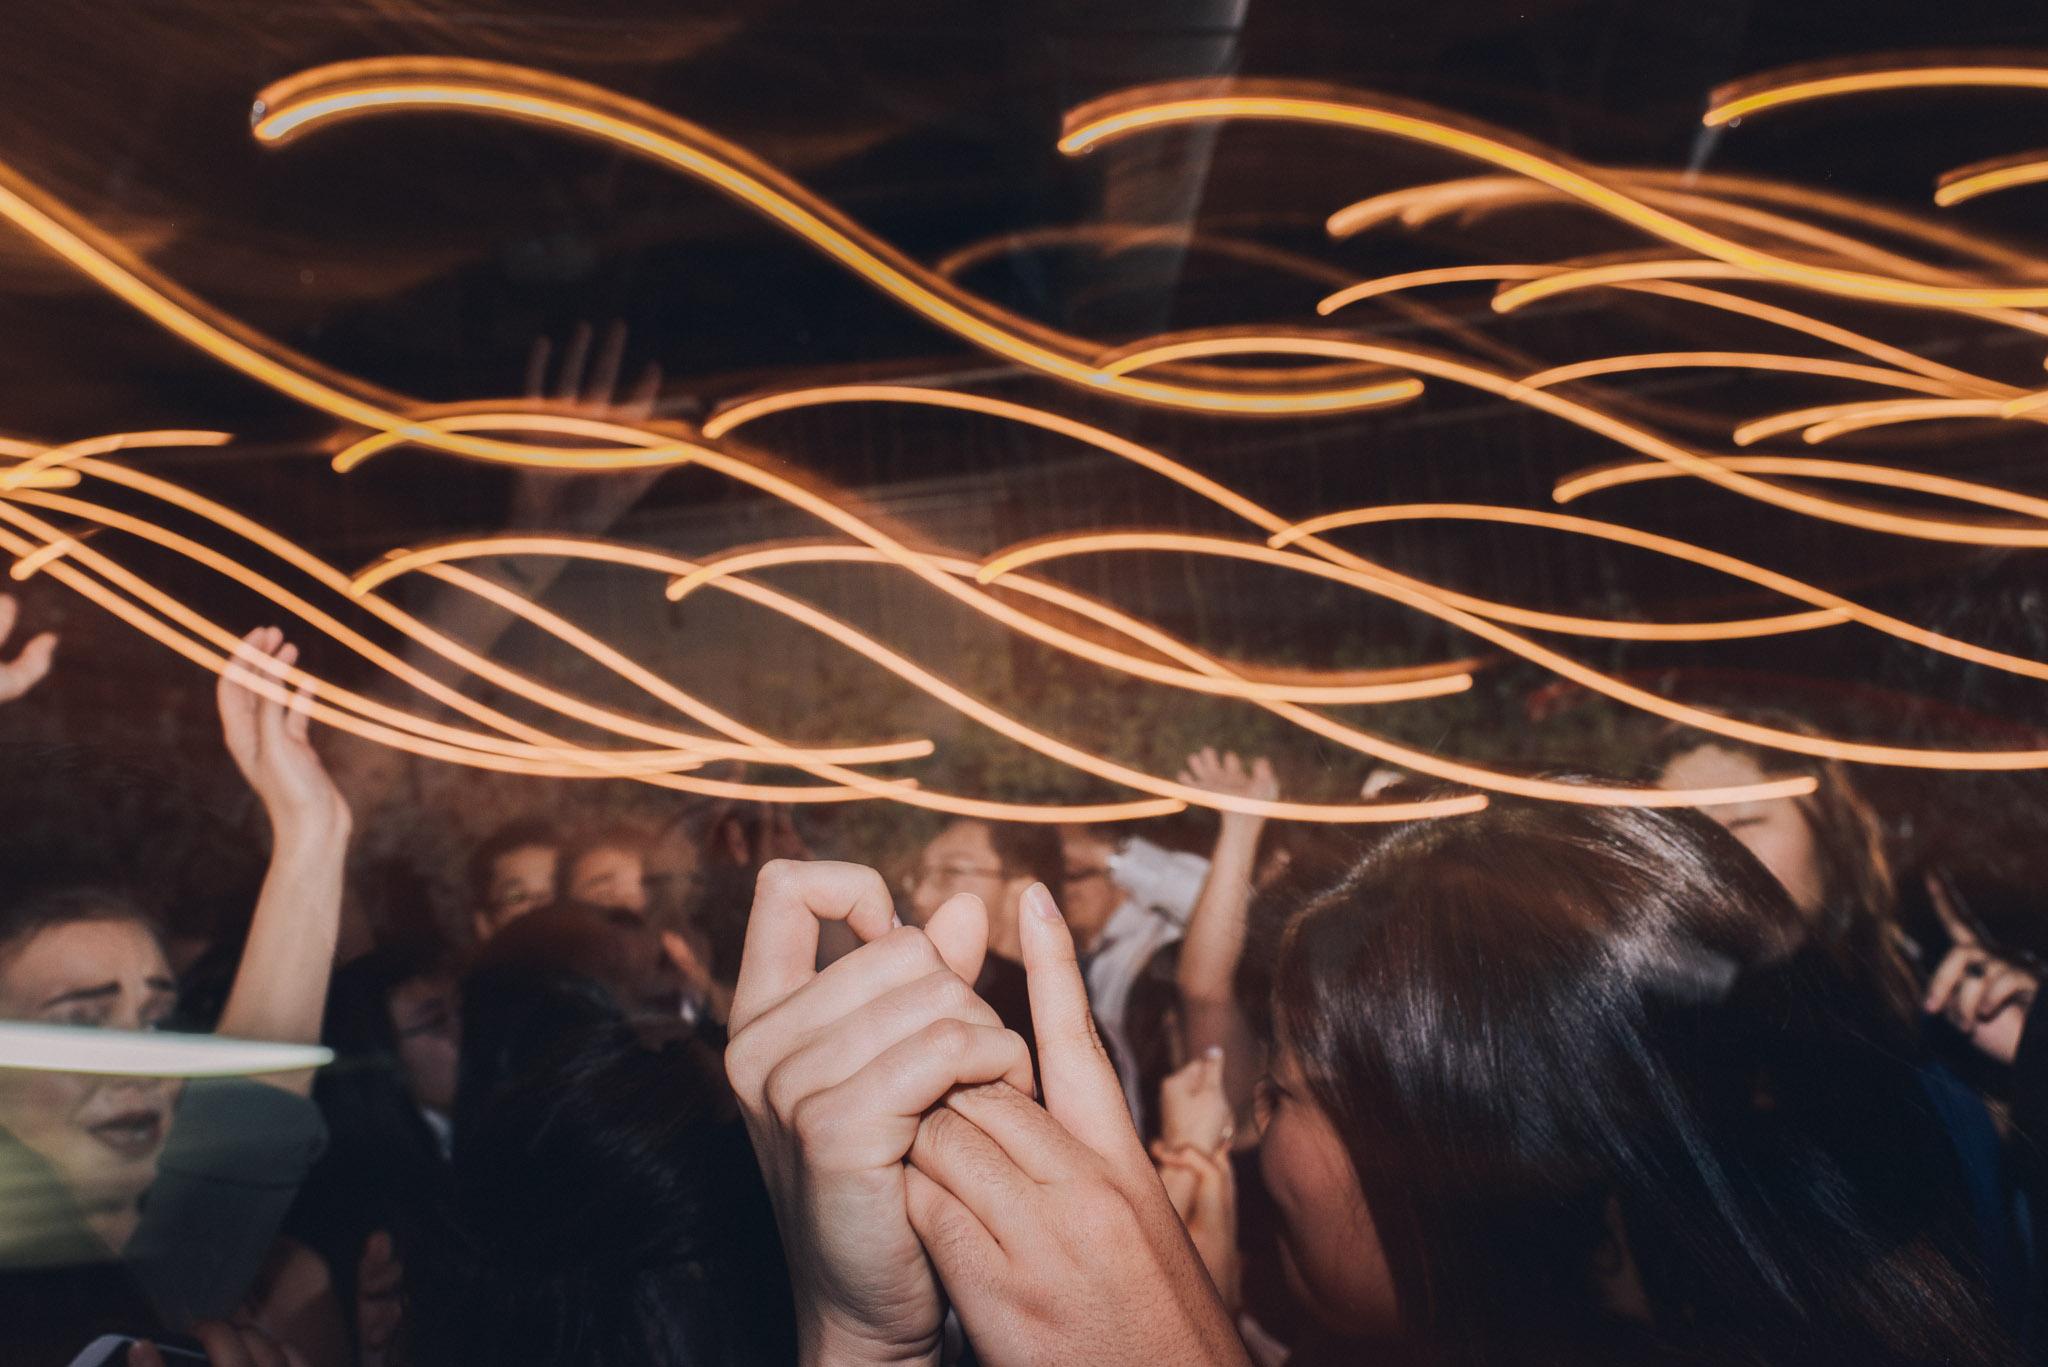 wedding dj dancing love hands